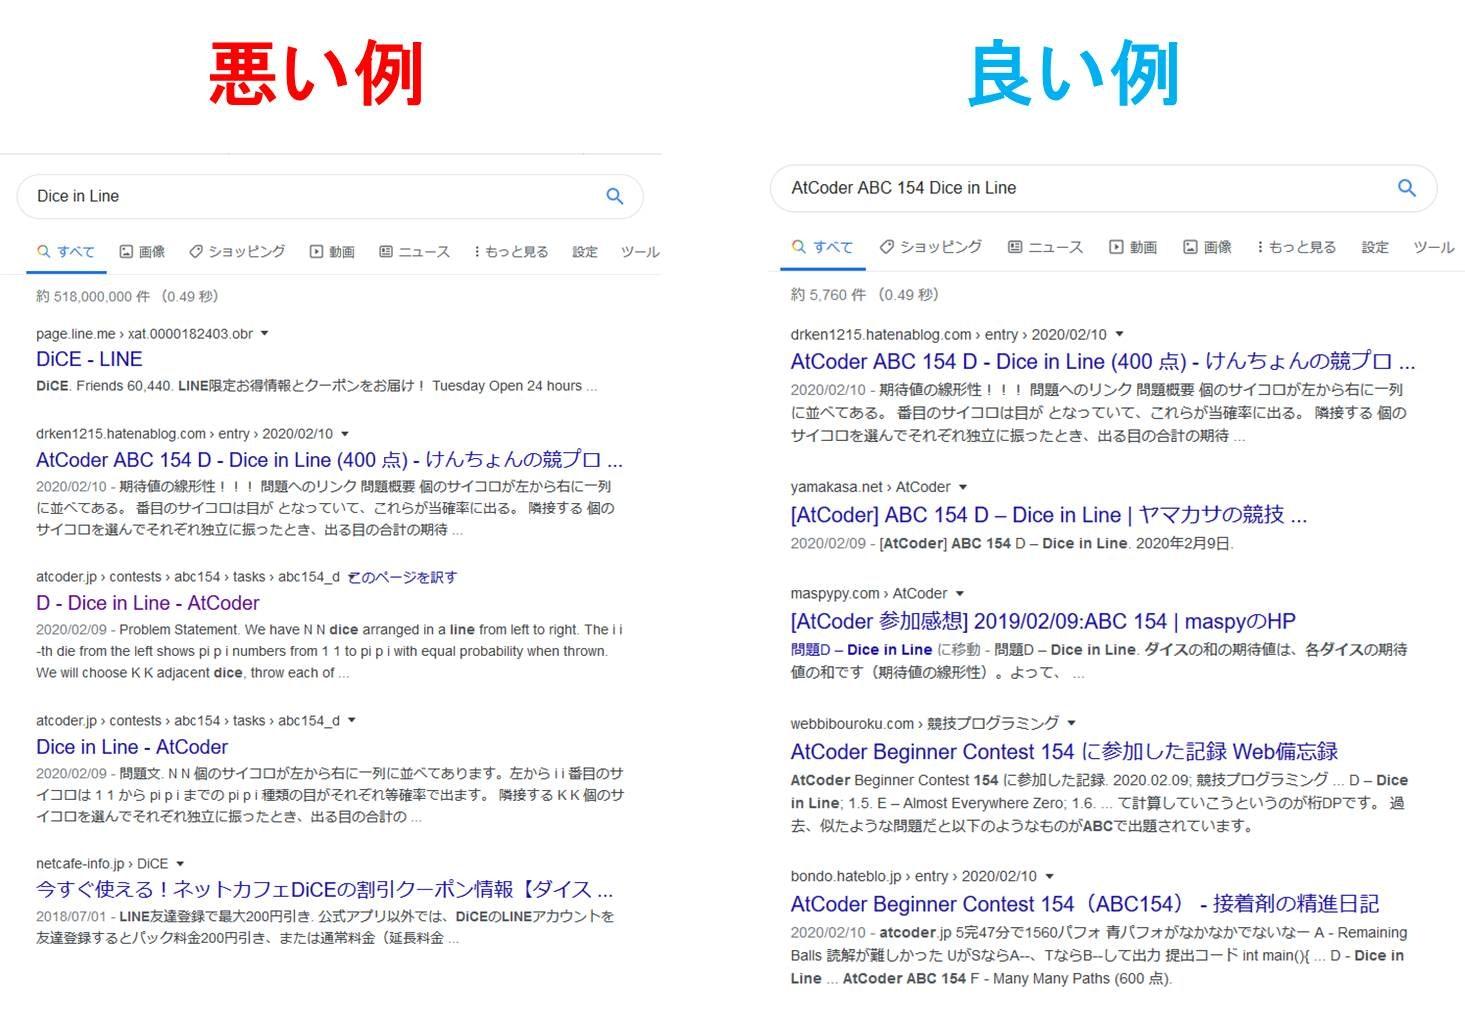 検索.jpg